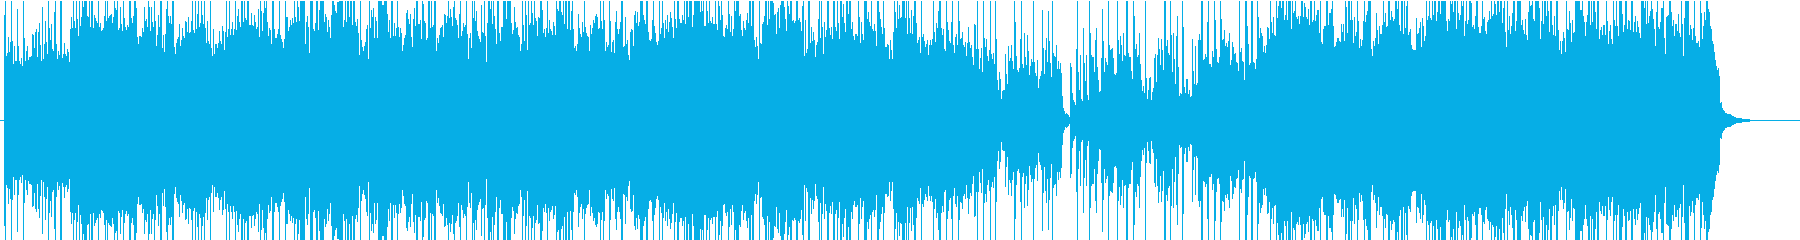 ムーンライト・セレナーデの和風アレンジの再生済みの波形